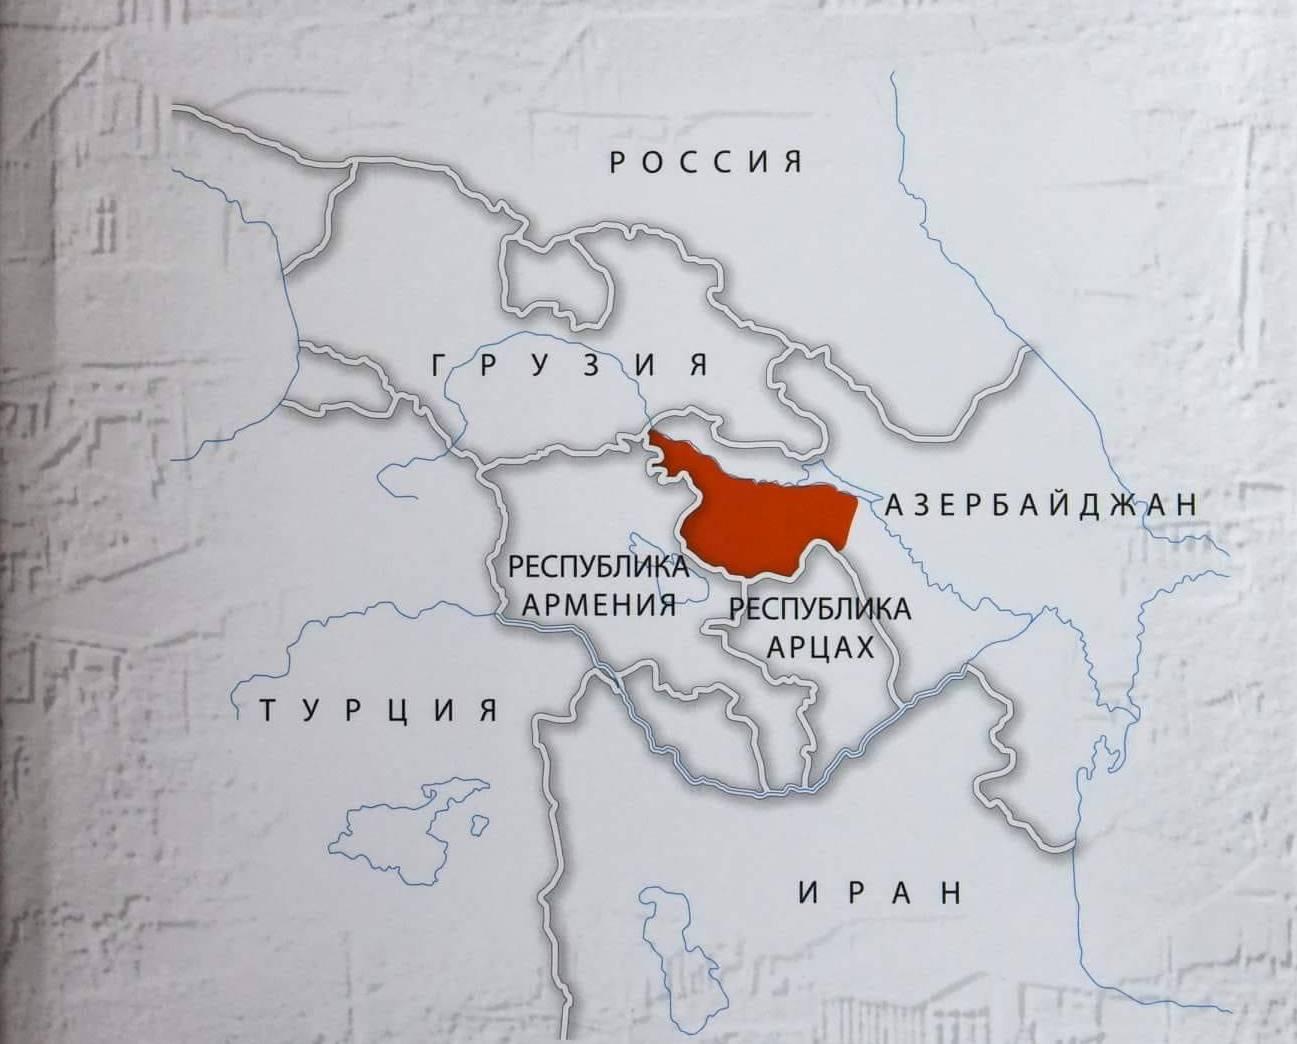 «Северный Арцах»: армянские территориальные претензии идут в направлении Грузии и Тбилиси!